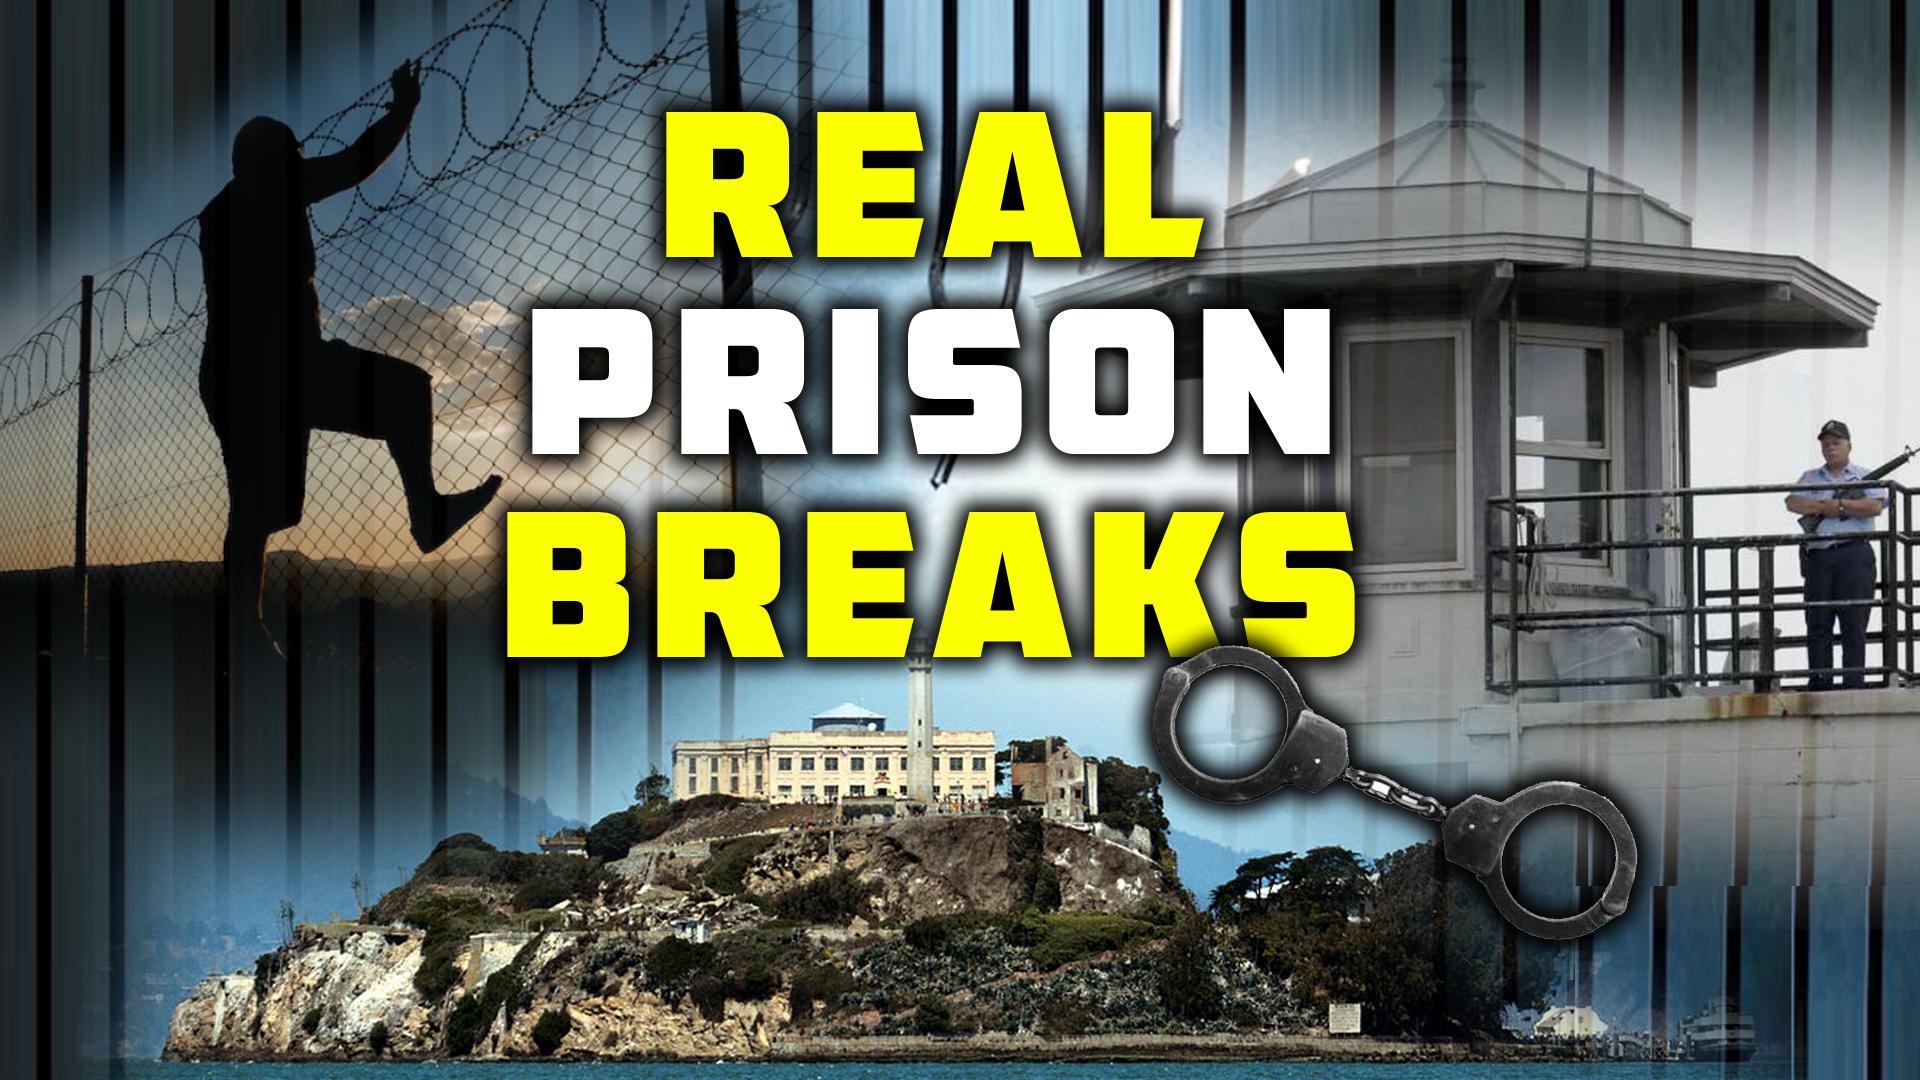 Real Prison Breaks